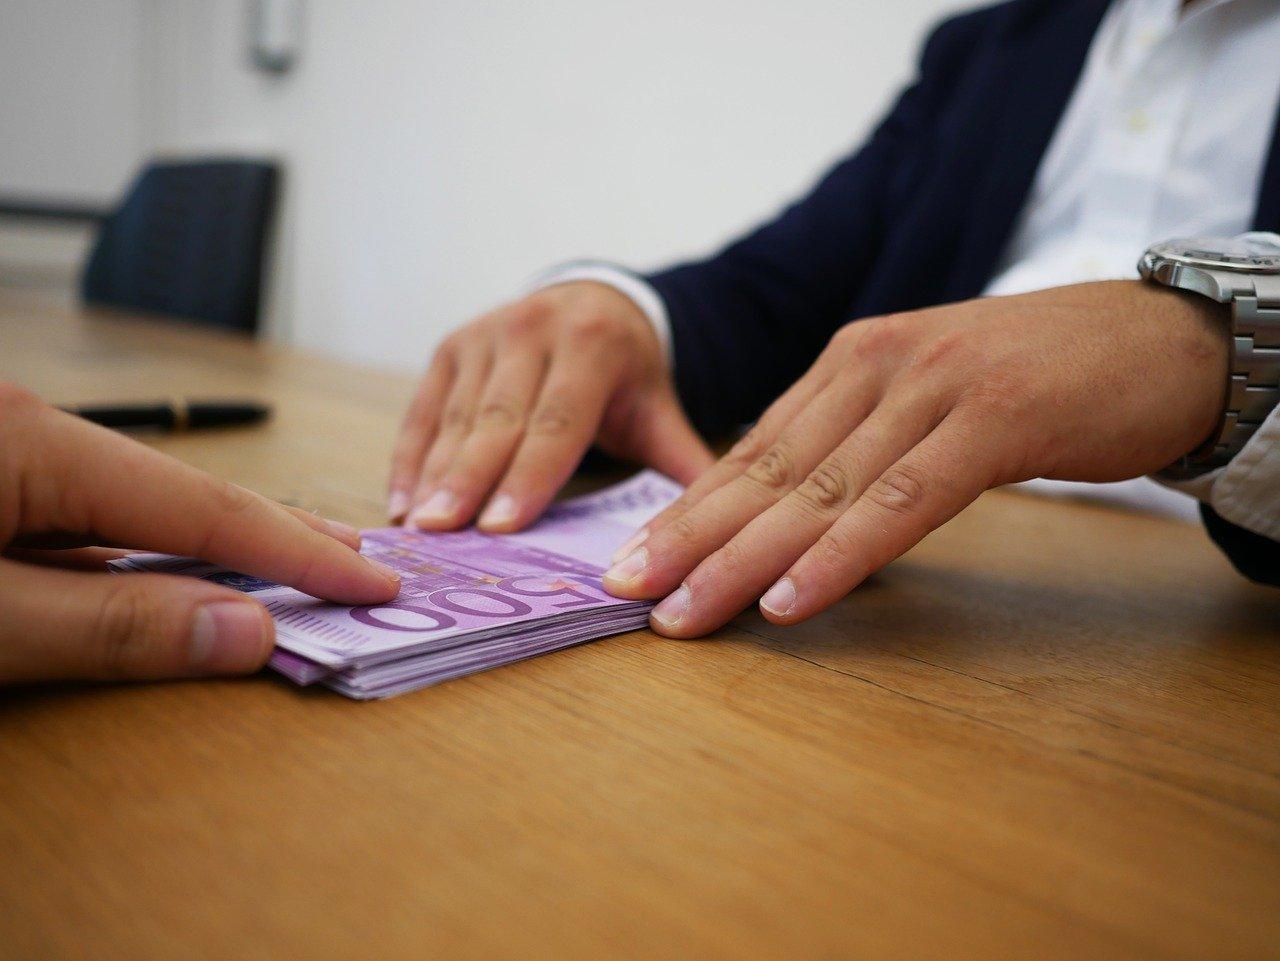 Krivotvorio platne liste da bi mogao podići kredit u banci